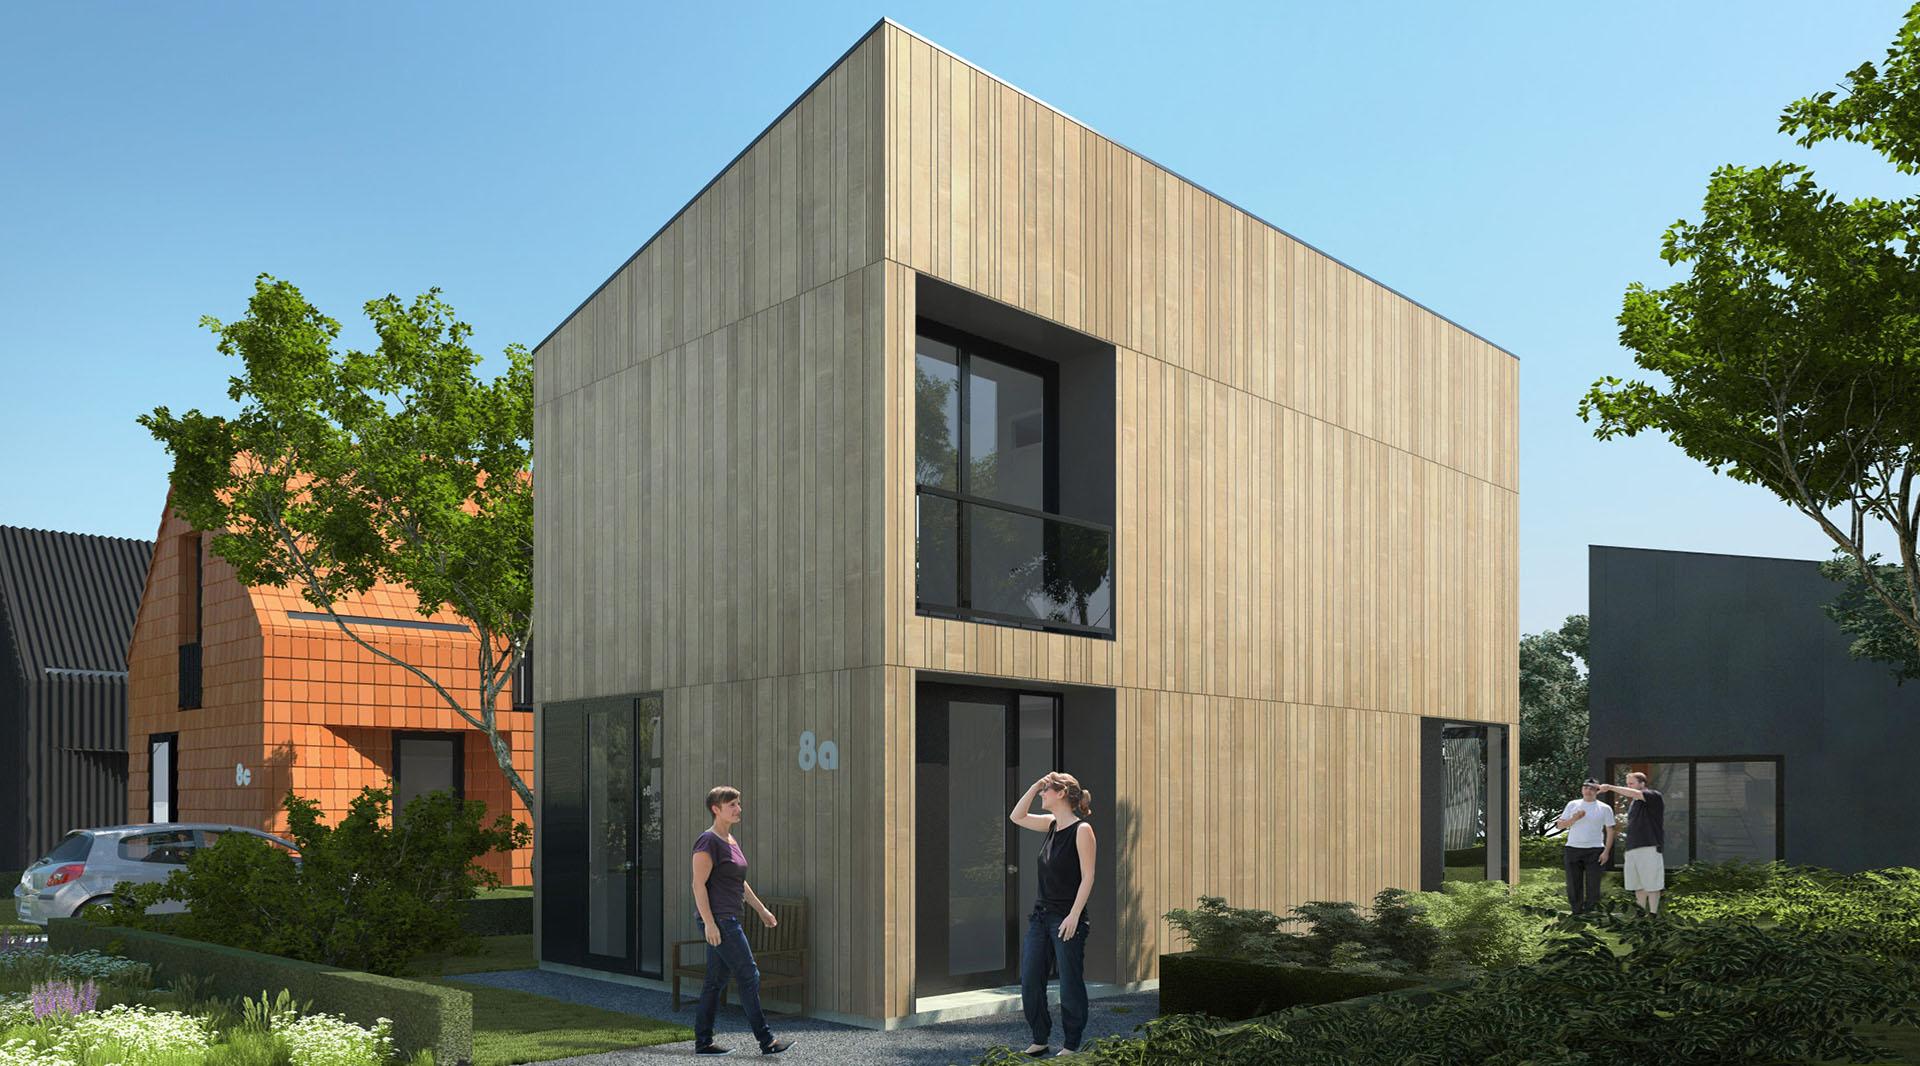 datcha-house-2-met-gevel-van-hout